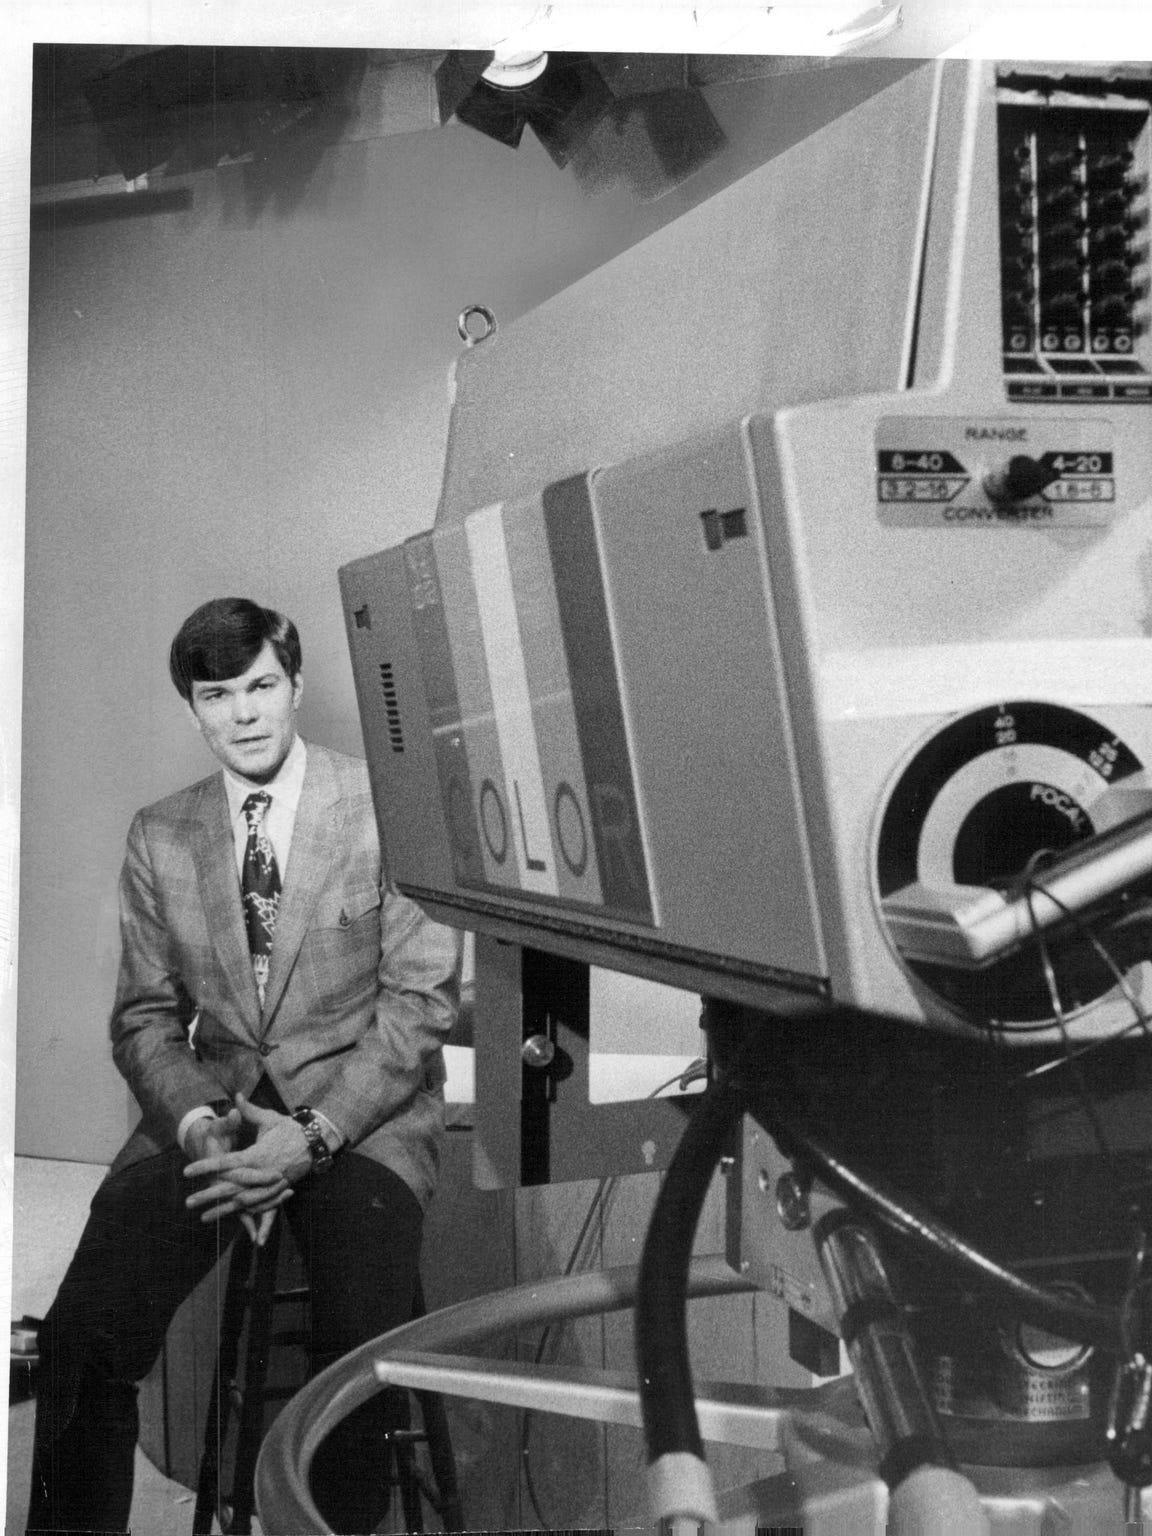 Don Alhart on set in 1971.